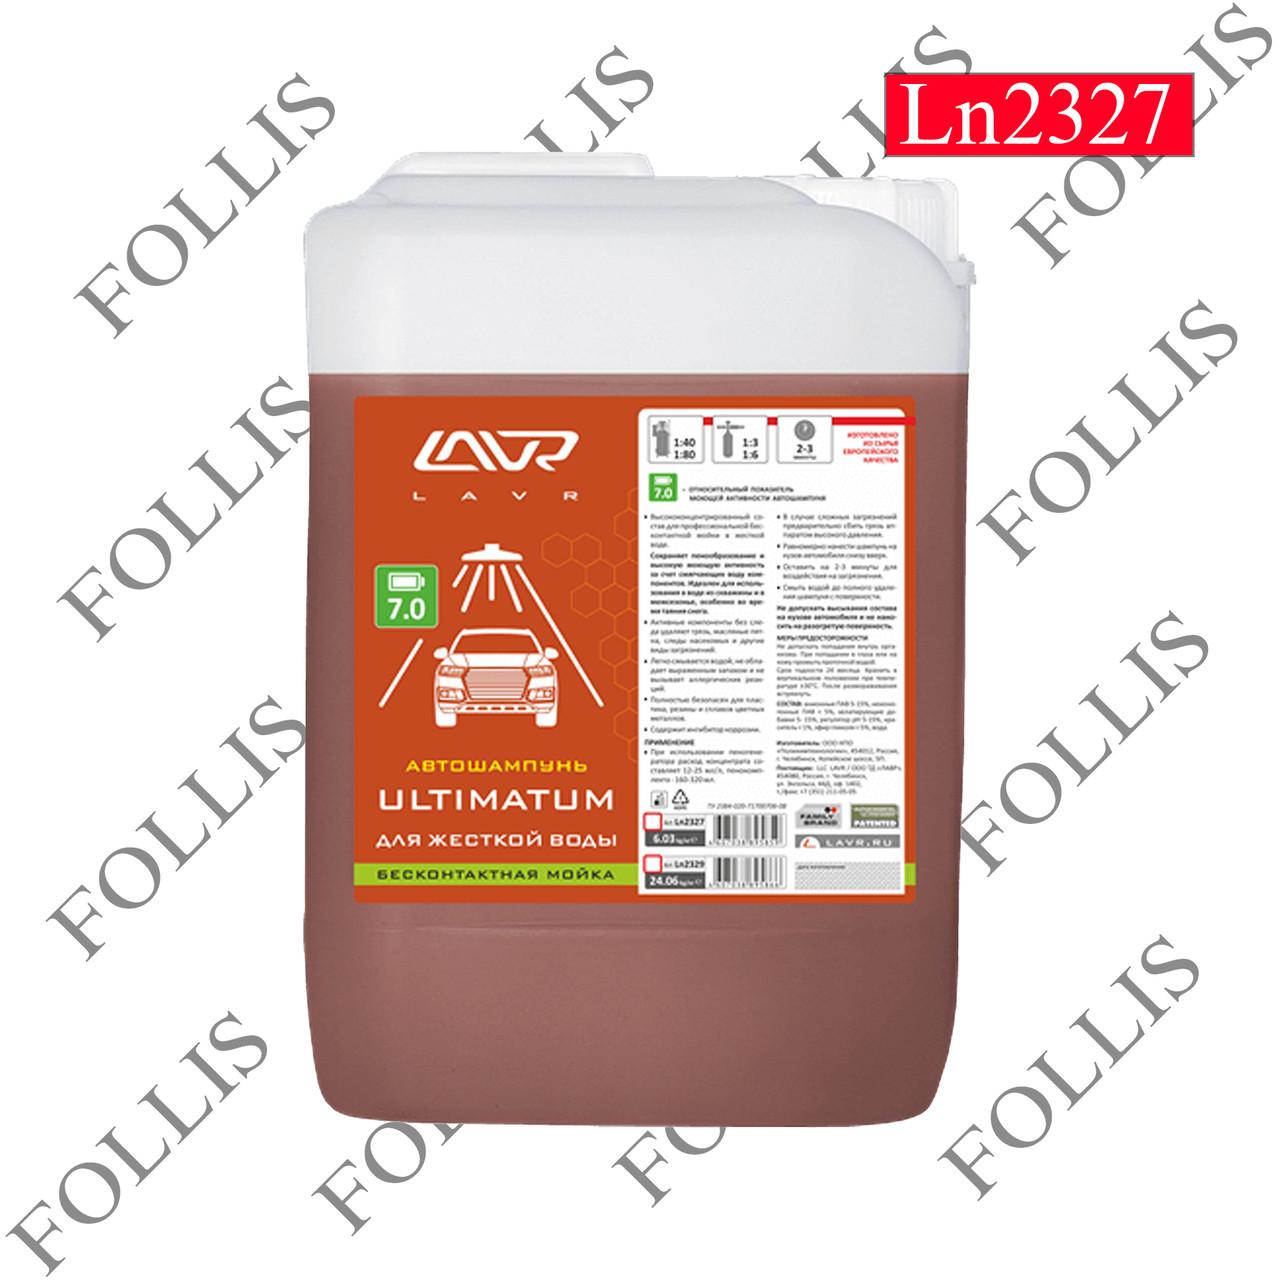 """Автошам для бесконтактной мойки """"ULTIMATUM"""" для жесткой воды 7.0 (1:70-100) Auto Shampoo ULTIMAT 5л"""